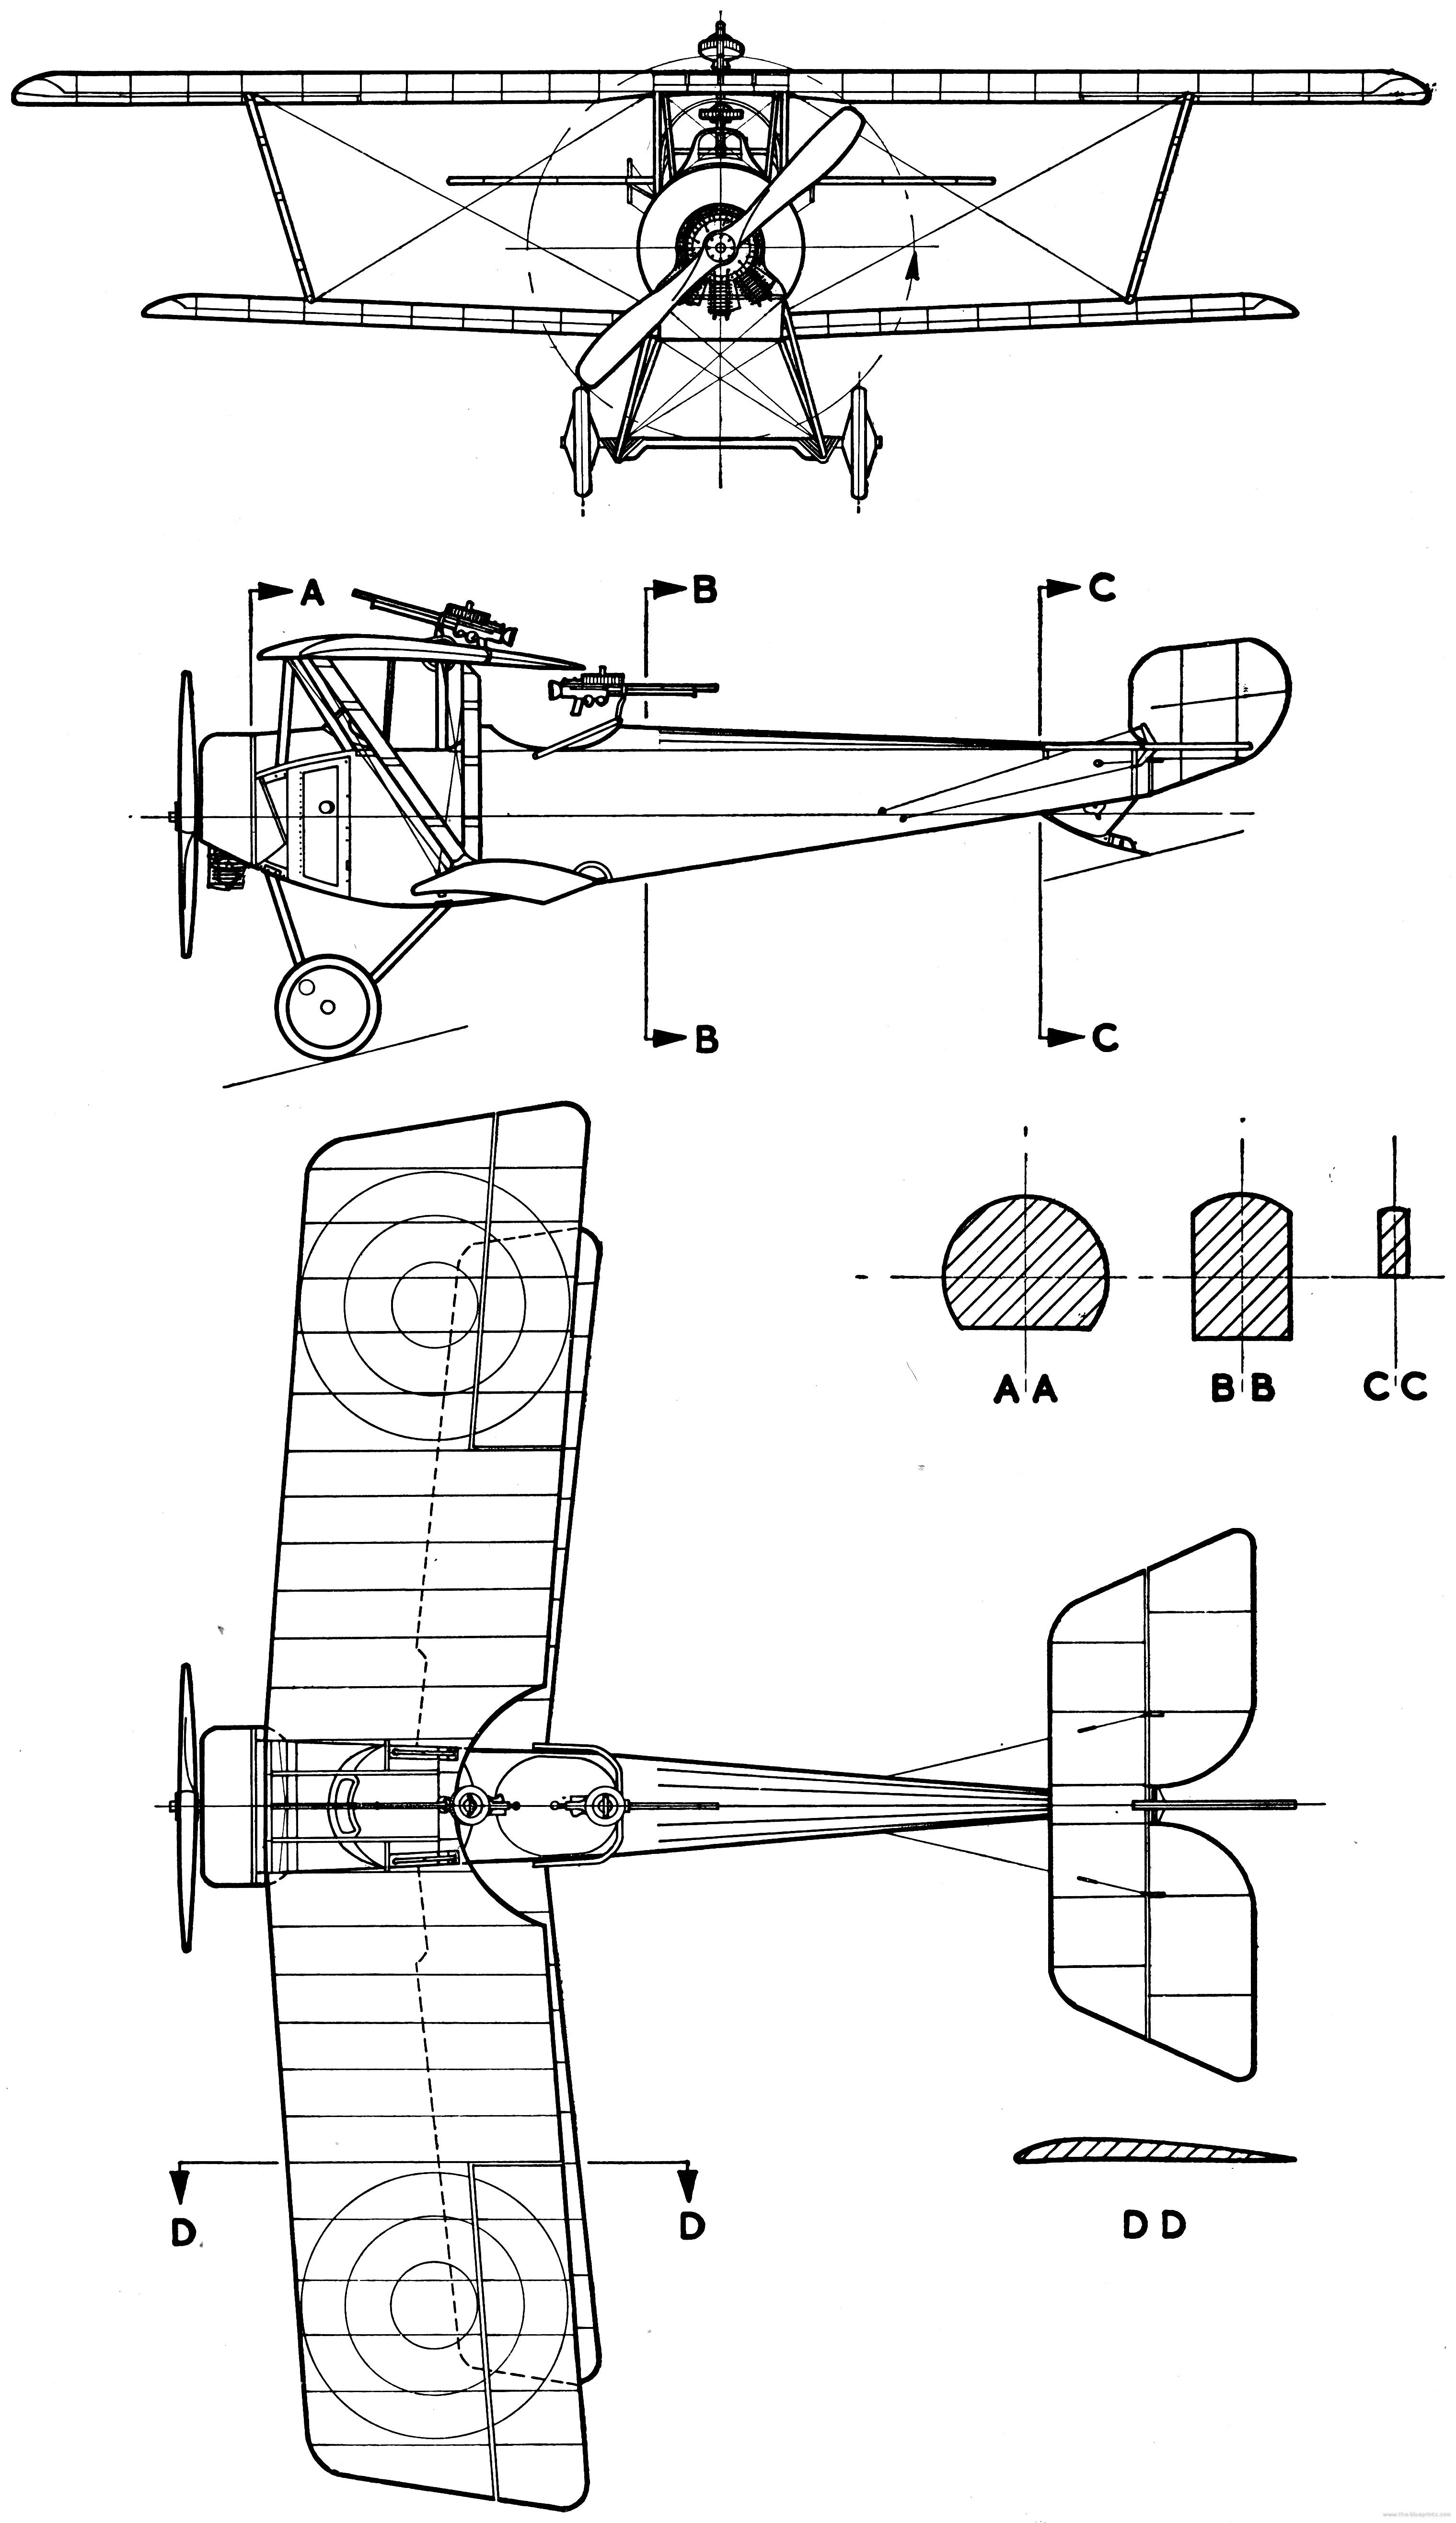 Nieuport 12 blueprint